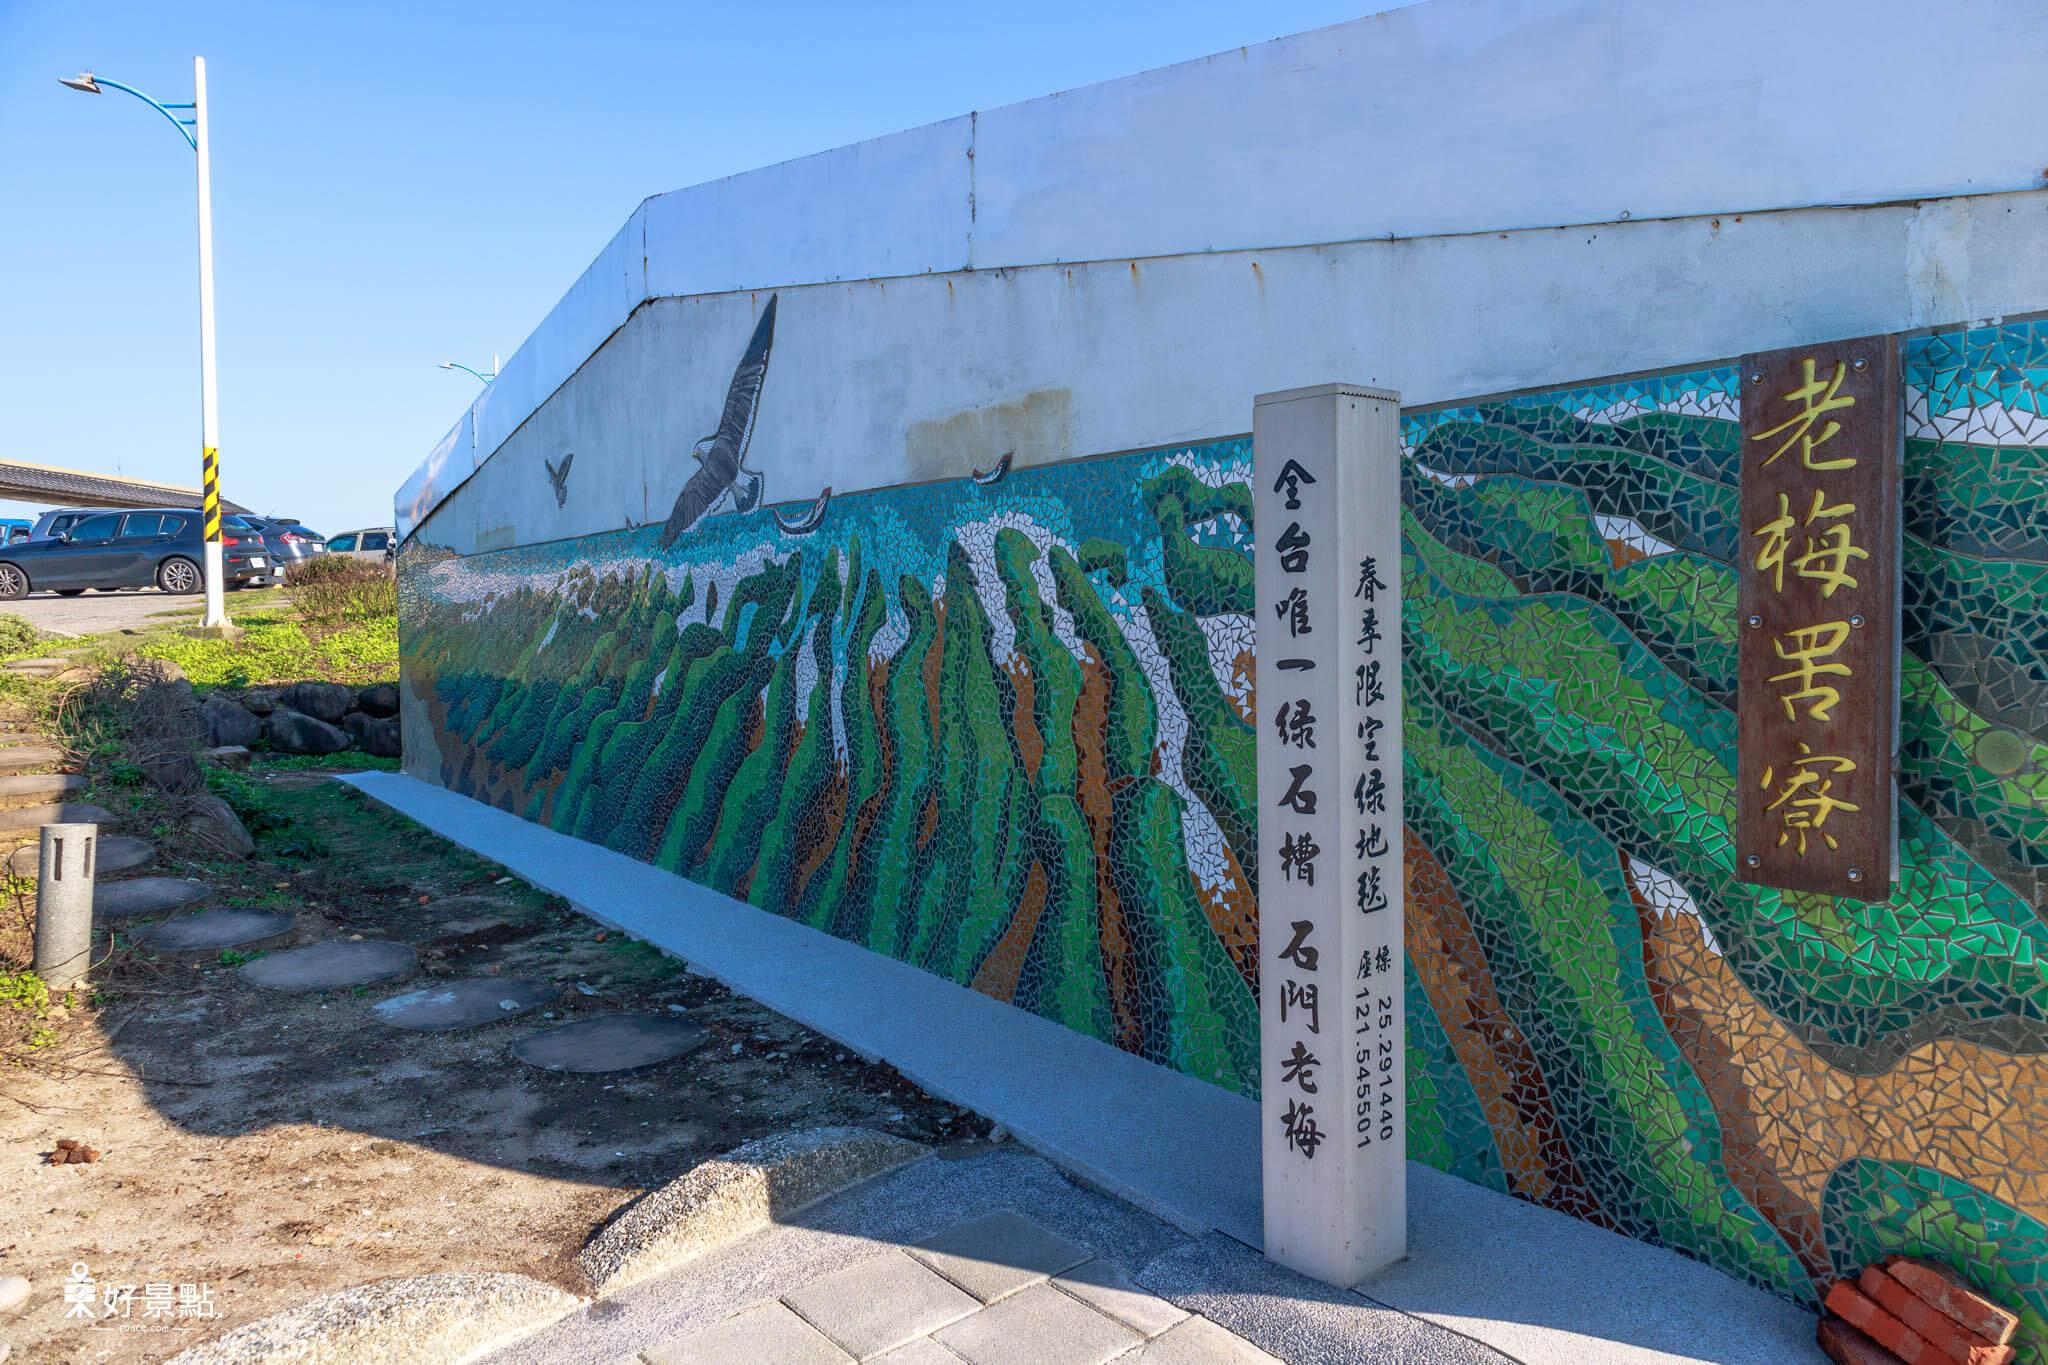 |新北。石門|老梅綠石槽-全台唯一綠石槽